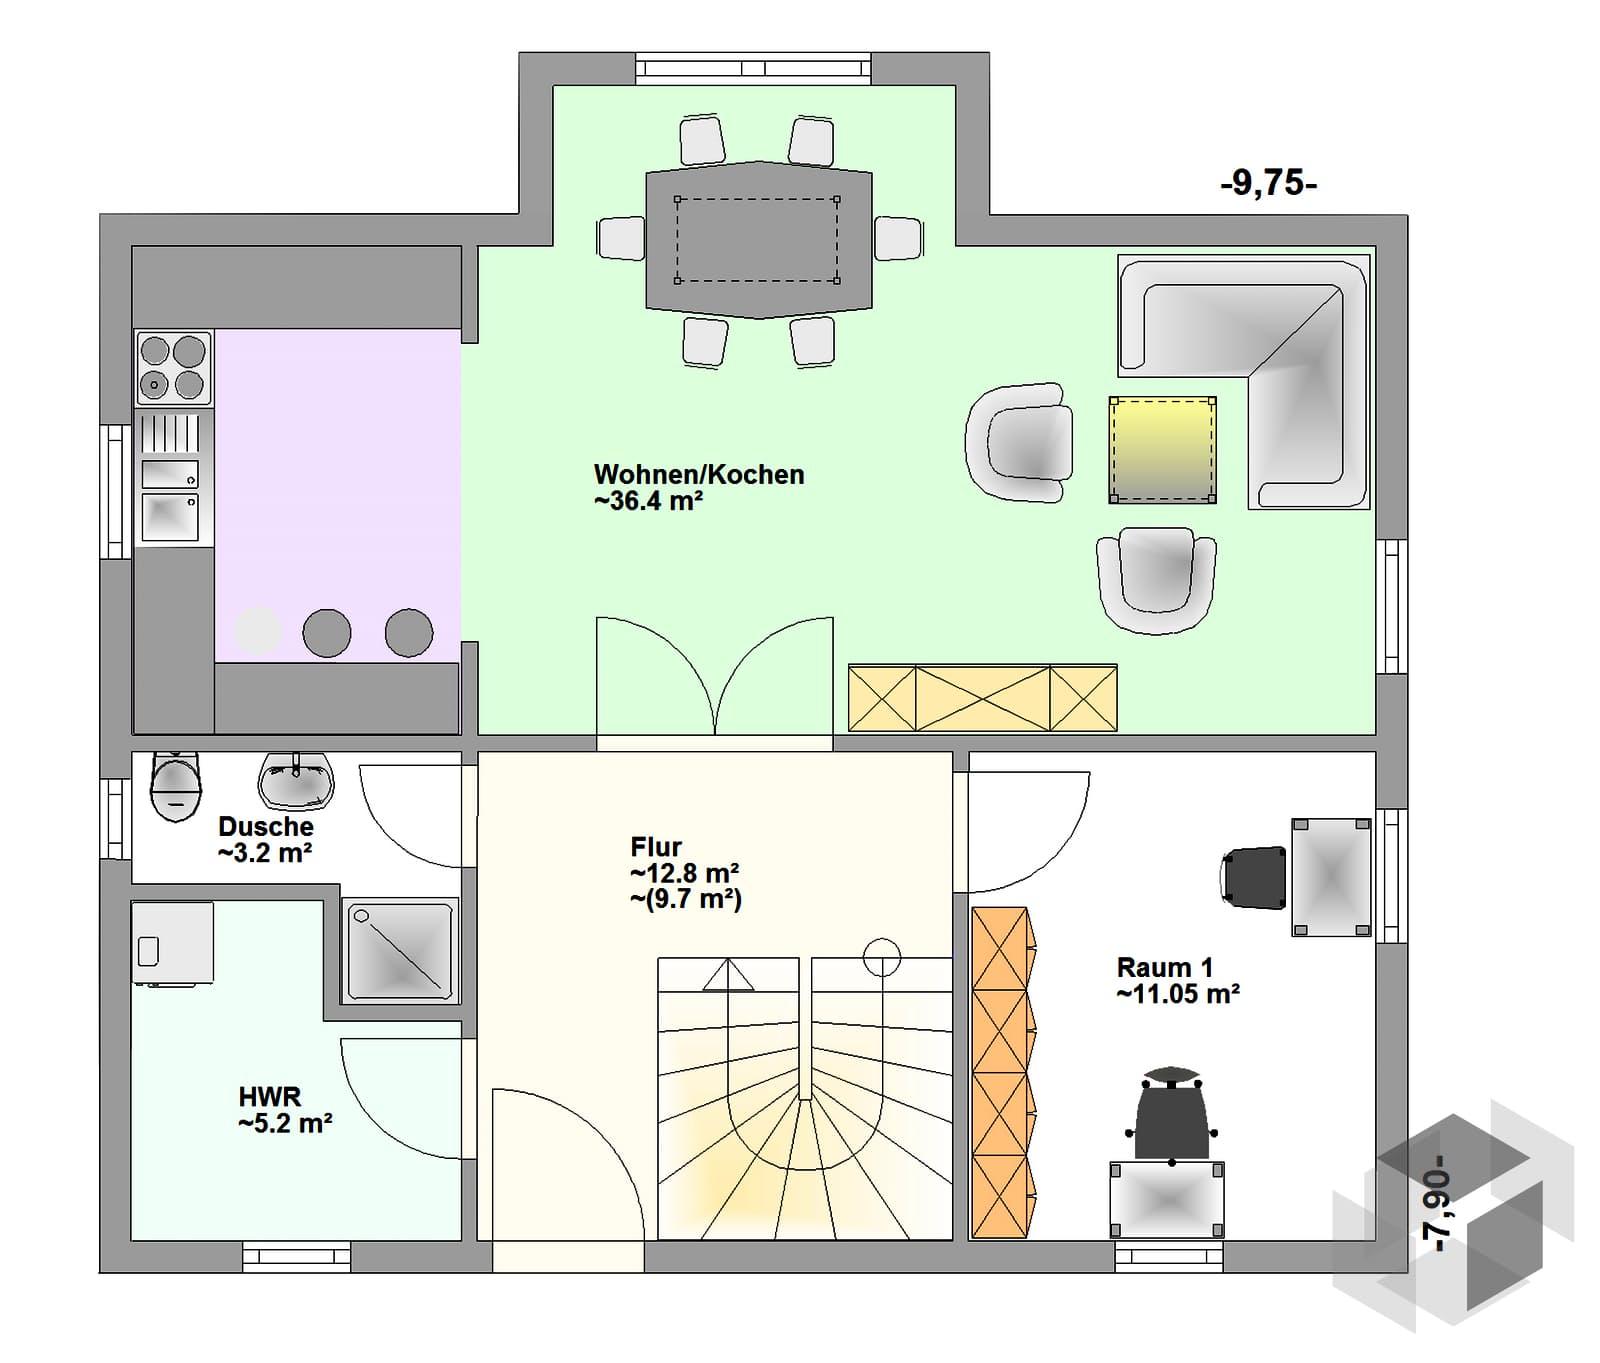 fuges inactive von hagemann haus komplette. Black Bedroom Furniture Sets. Home Design Ideas